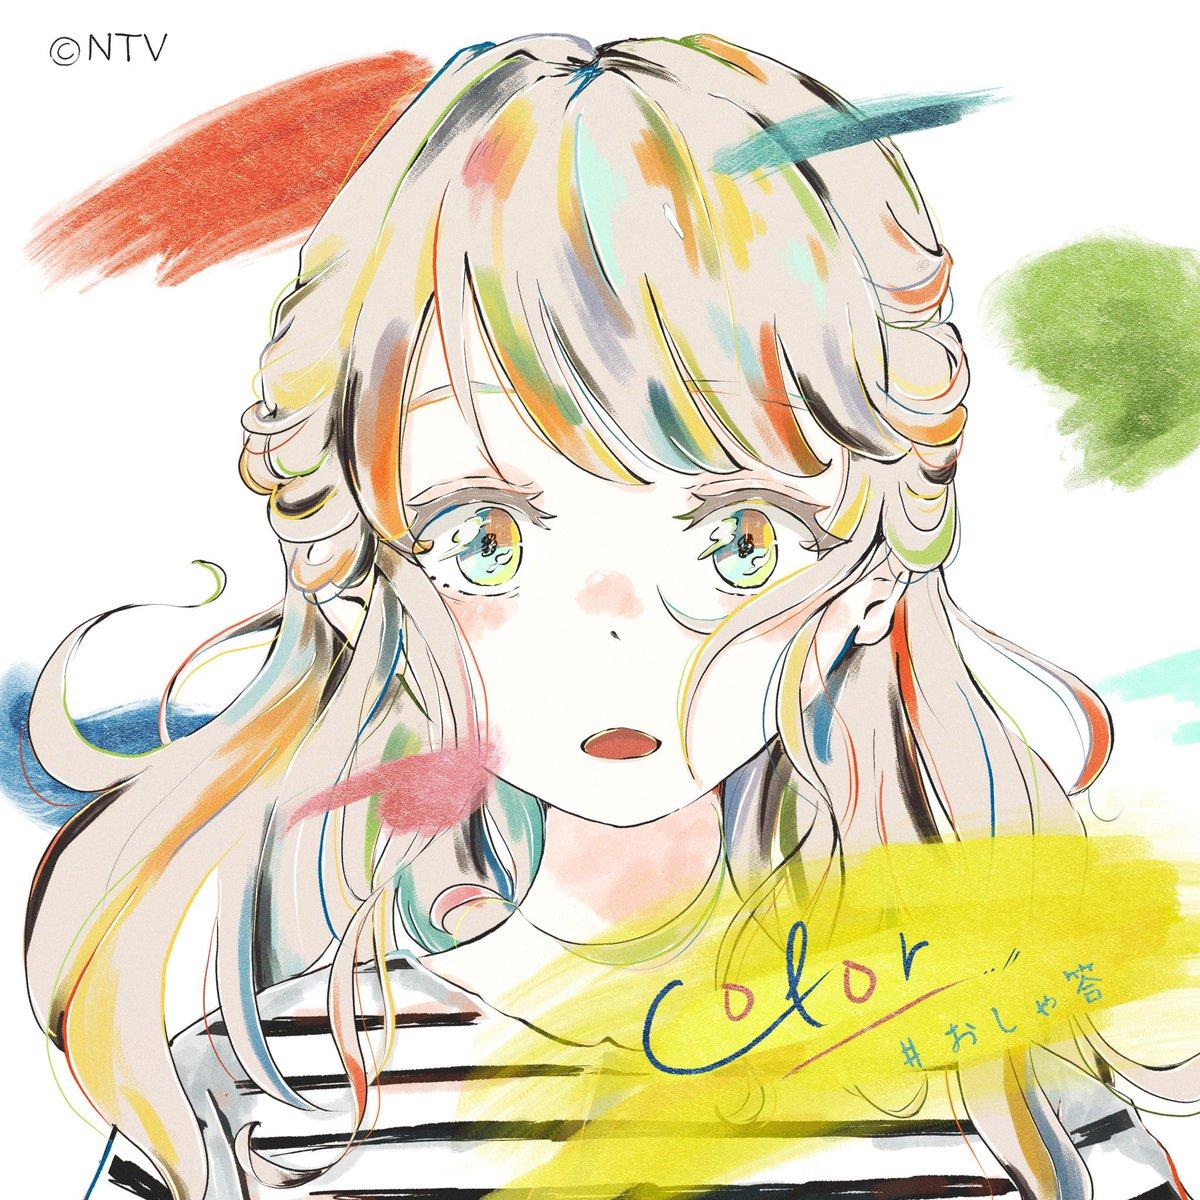 『ひらめ - color』収録の『color』ジャケット